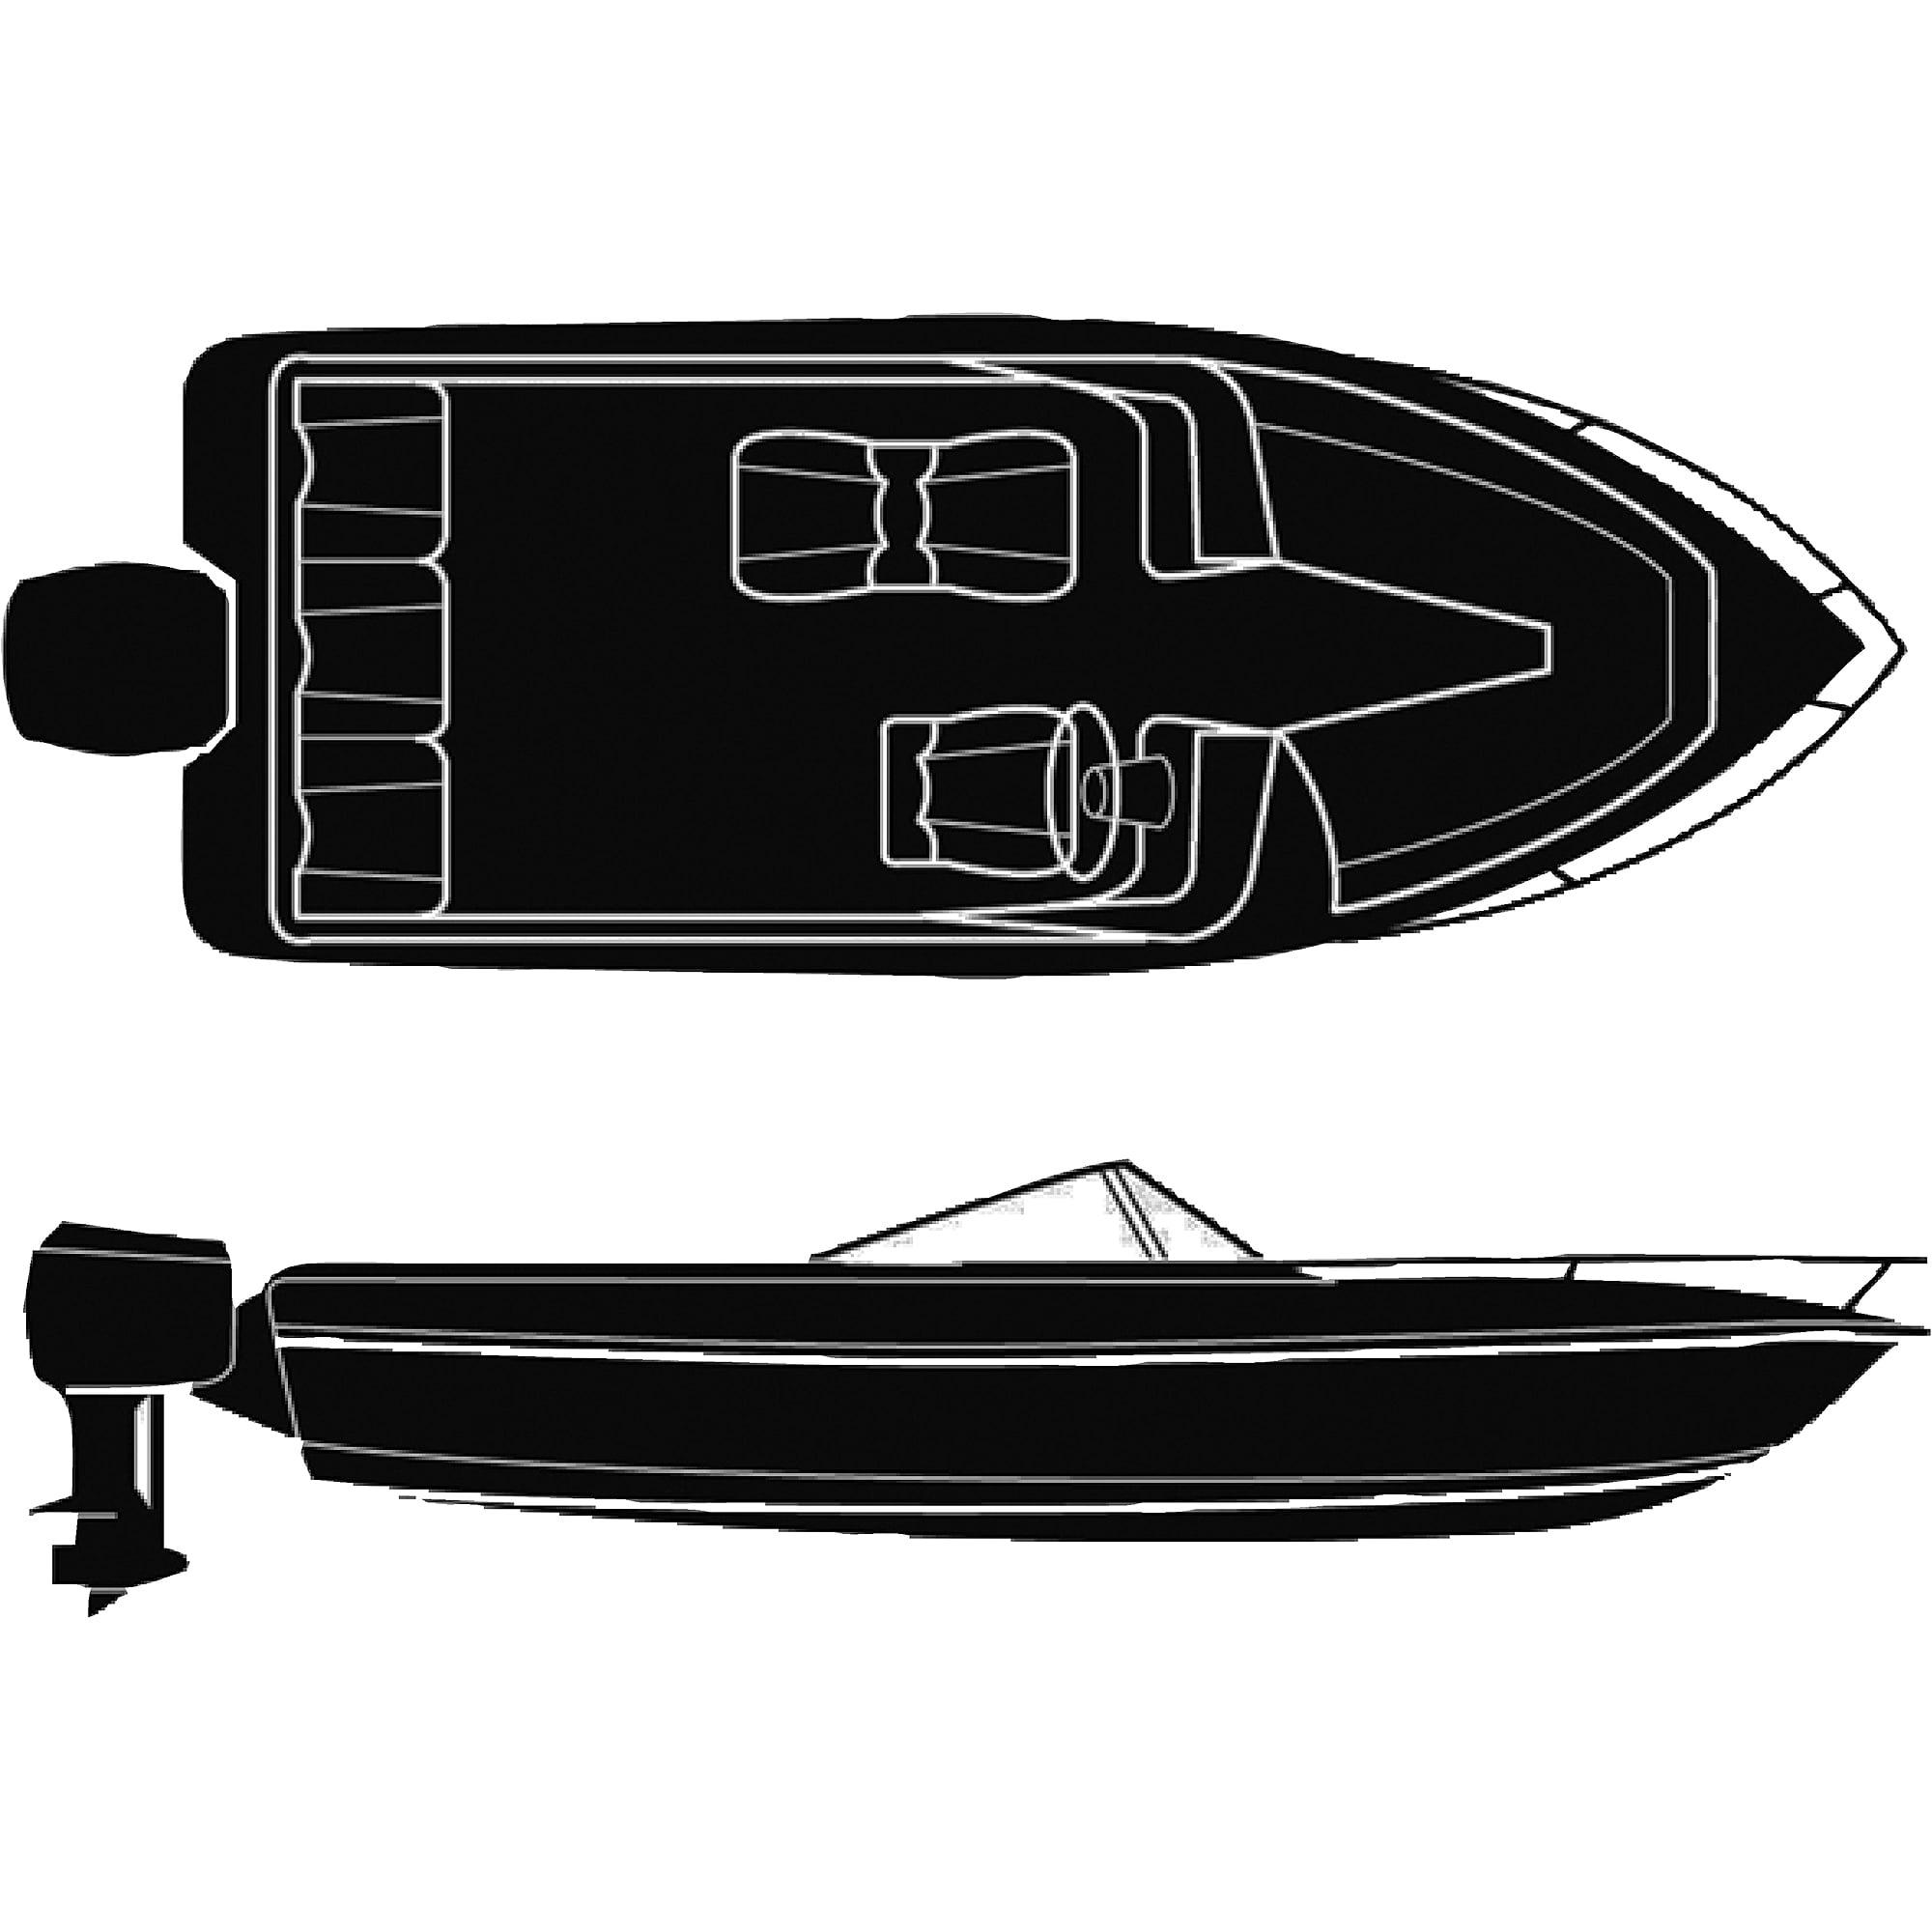 Seachoice Haze Gray 10 oz Cotton Duck Semi-Custom Trailerable Boat Cover